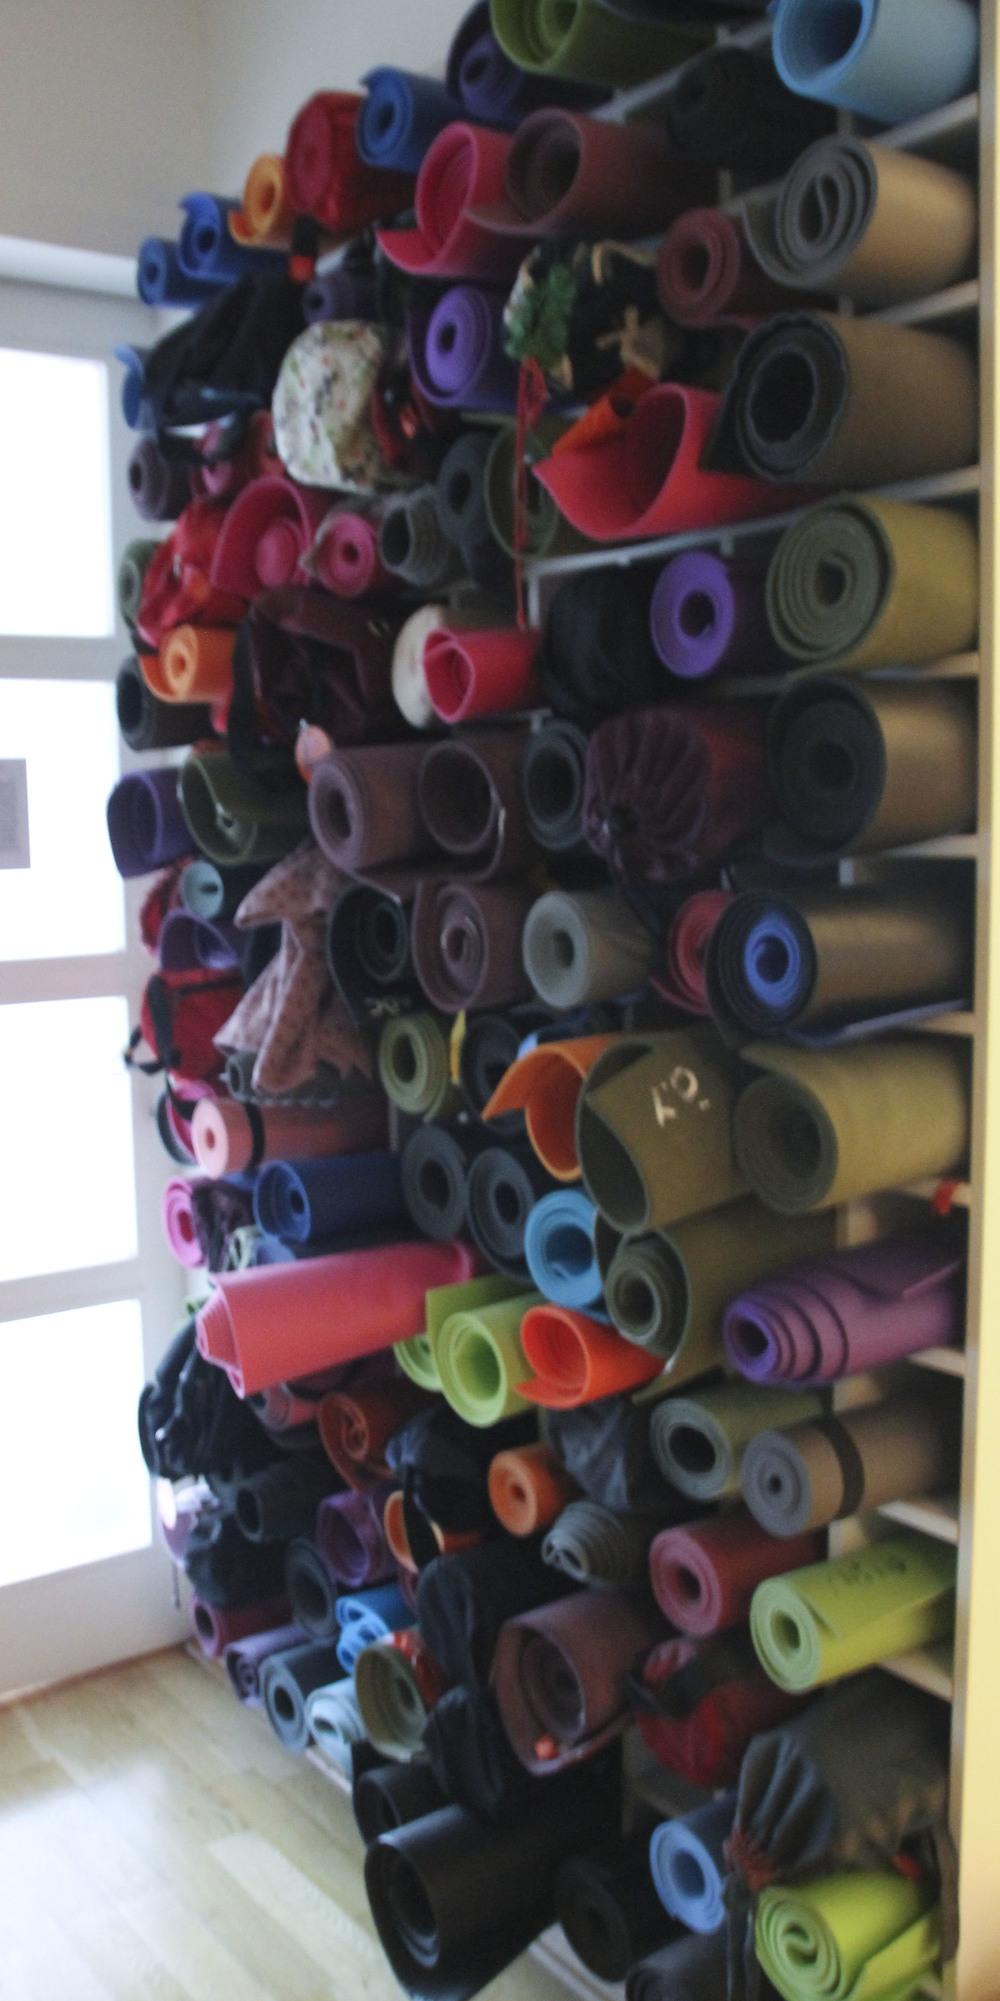 Yoga Studio_Yogasala NİŞANTAŞI, Istanbul3019.jpg